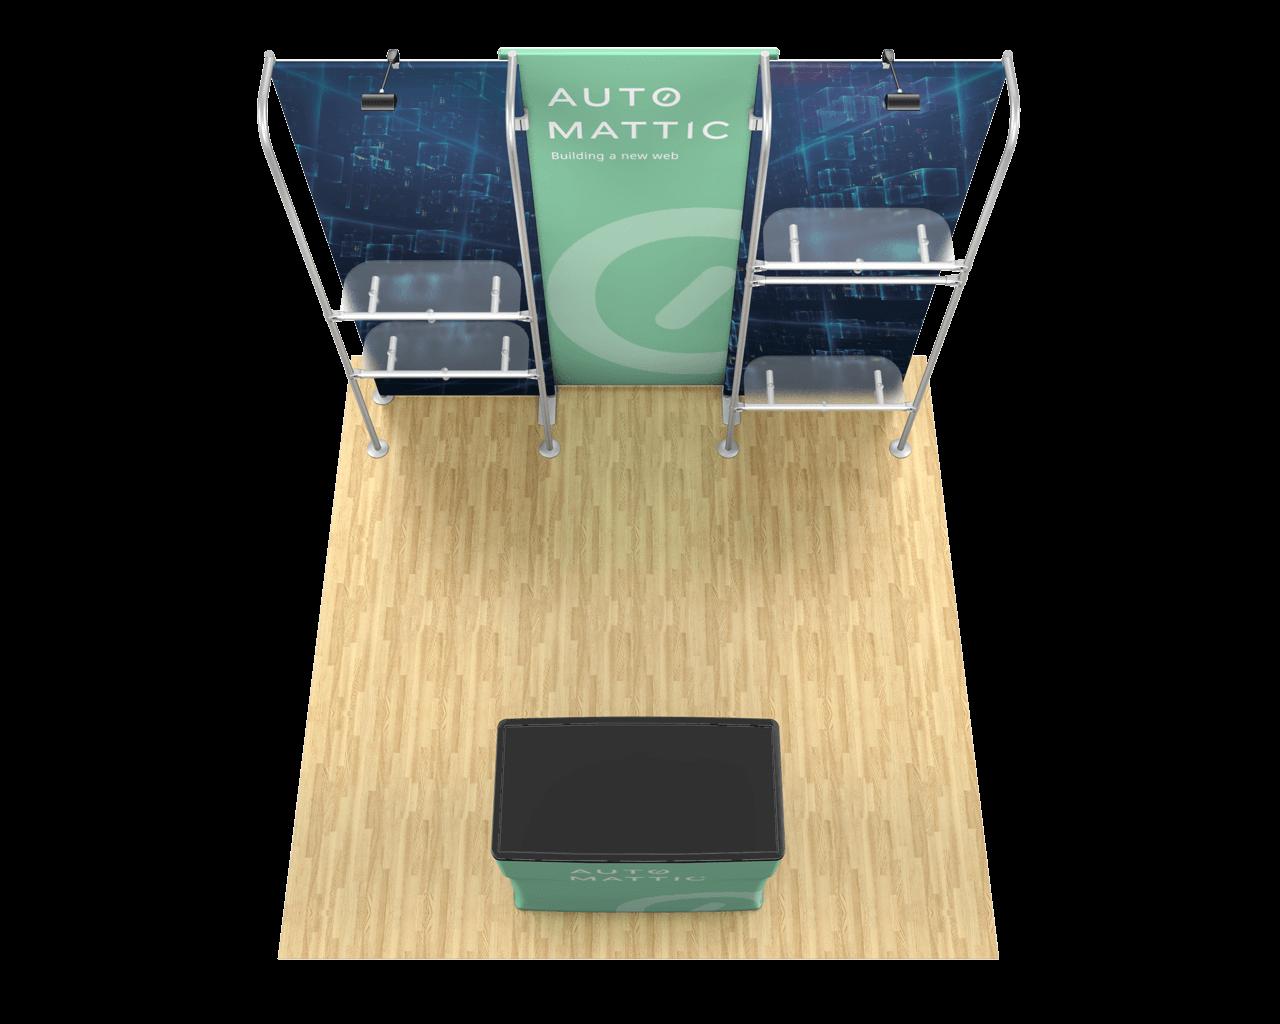 Waveline Merchandiser 10ft Trade Show Display Kit - 10.12